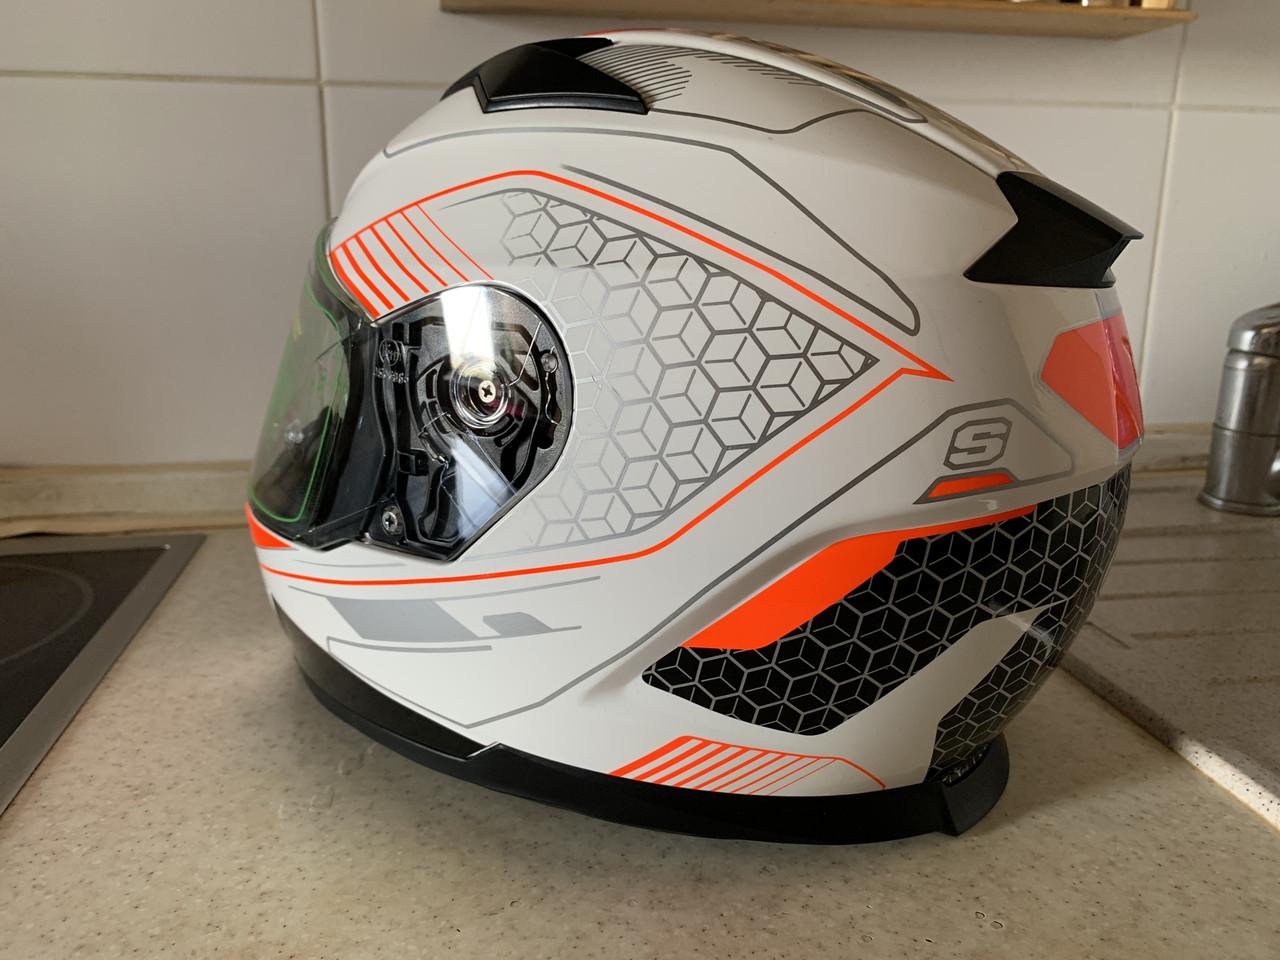 Бело-оранжевый интеграл шлем оригинал Европа закрытый Naxa(Польша) сертифицирован Ecer